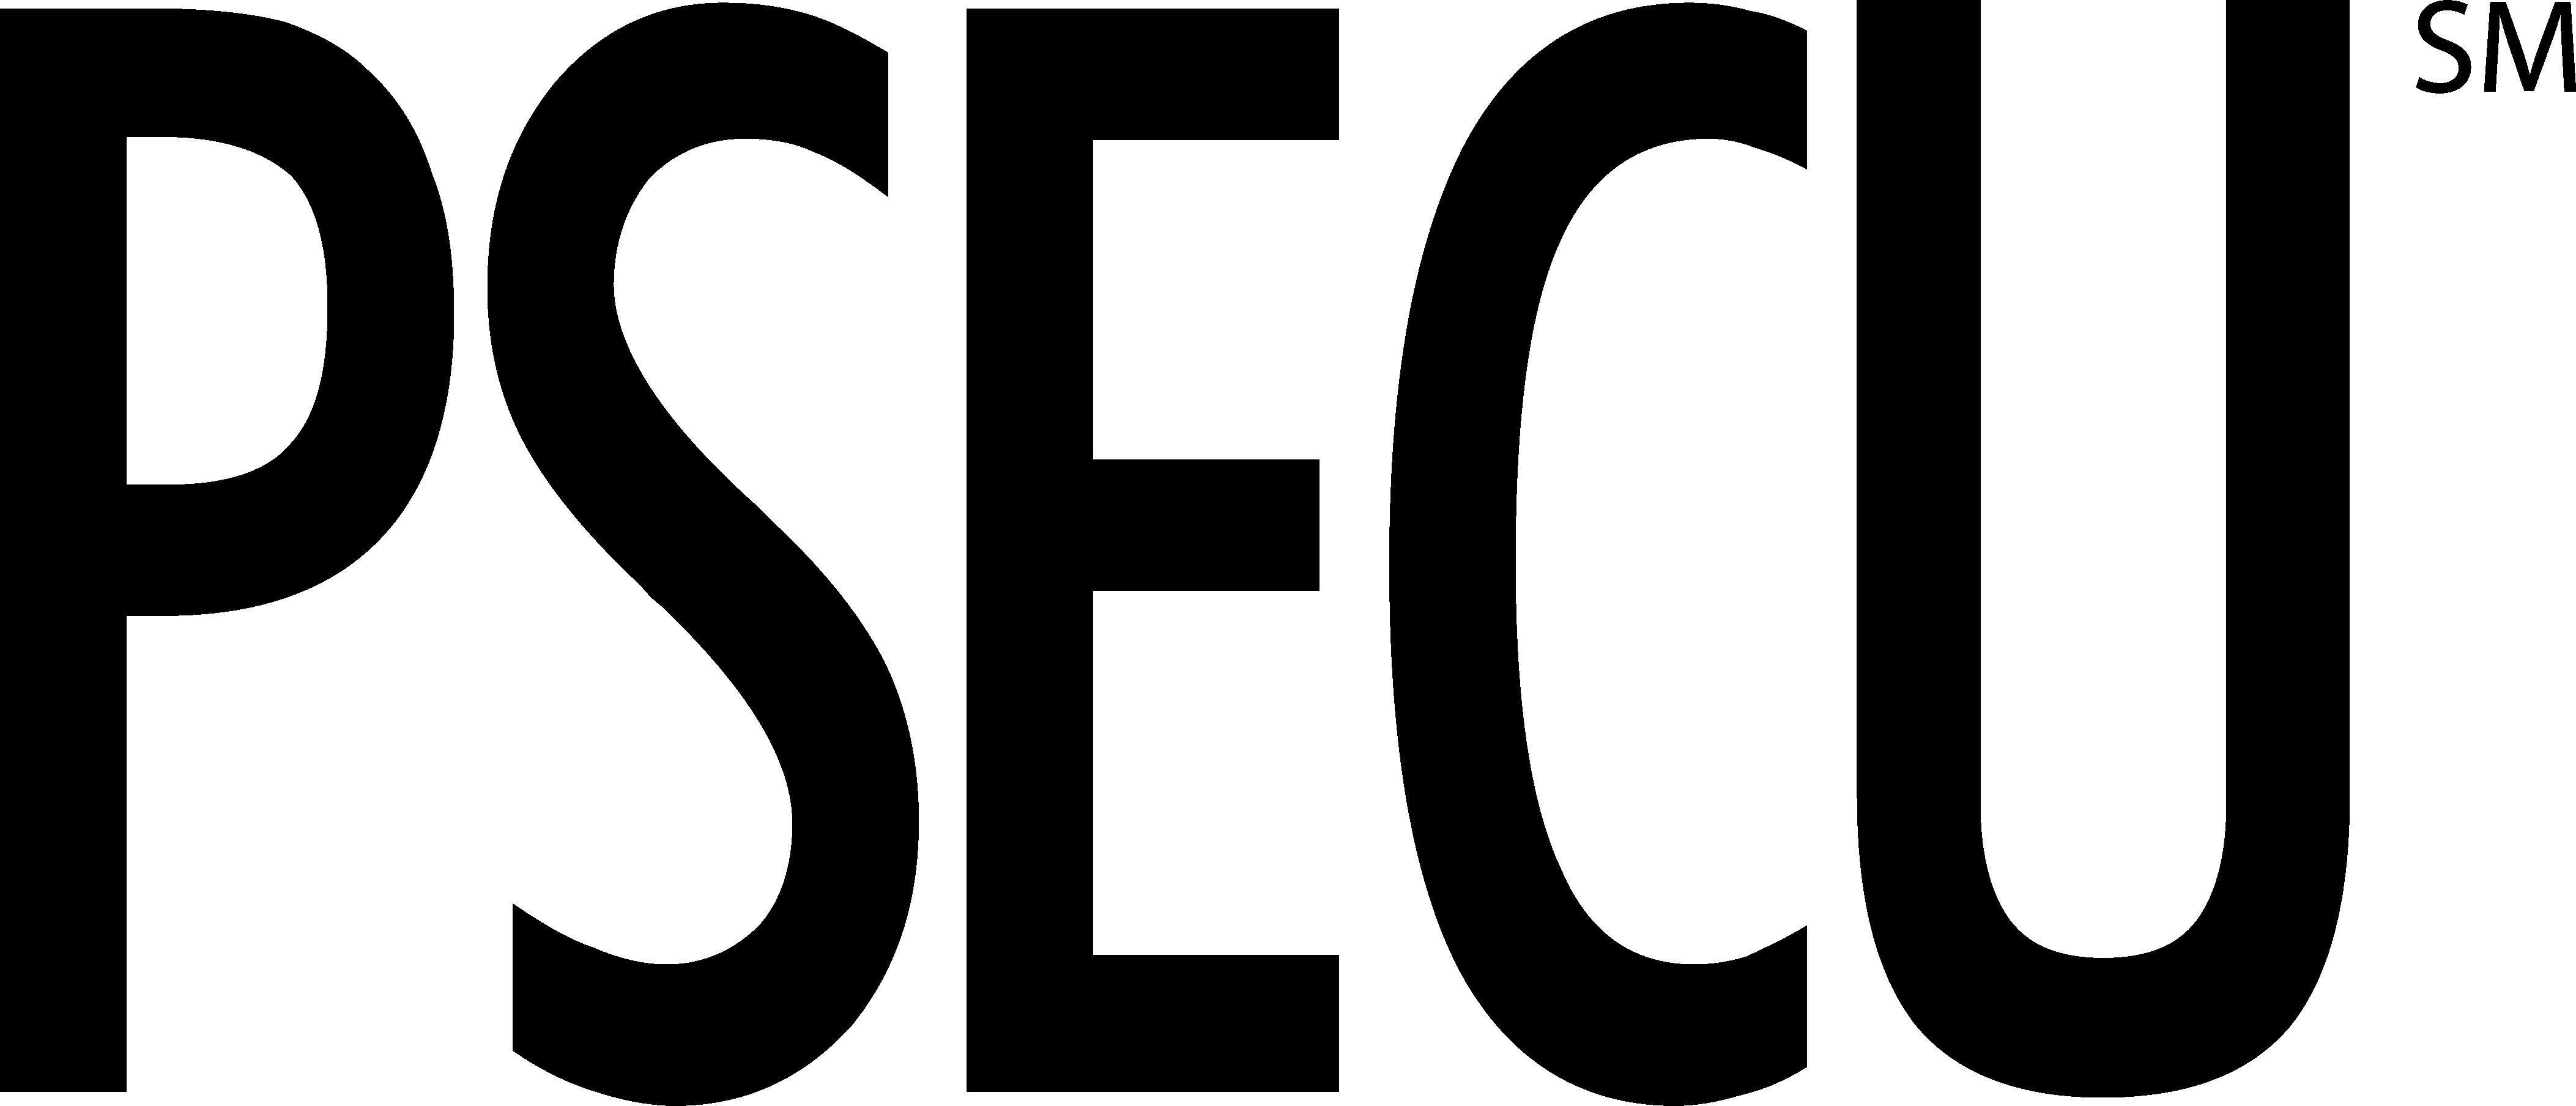 PESCU